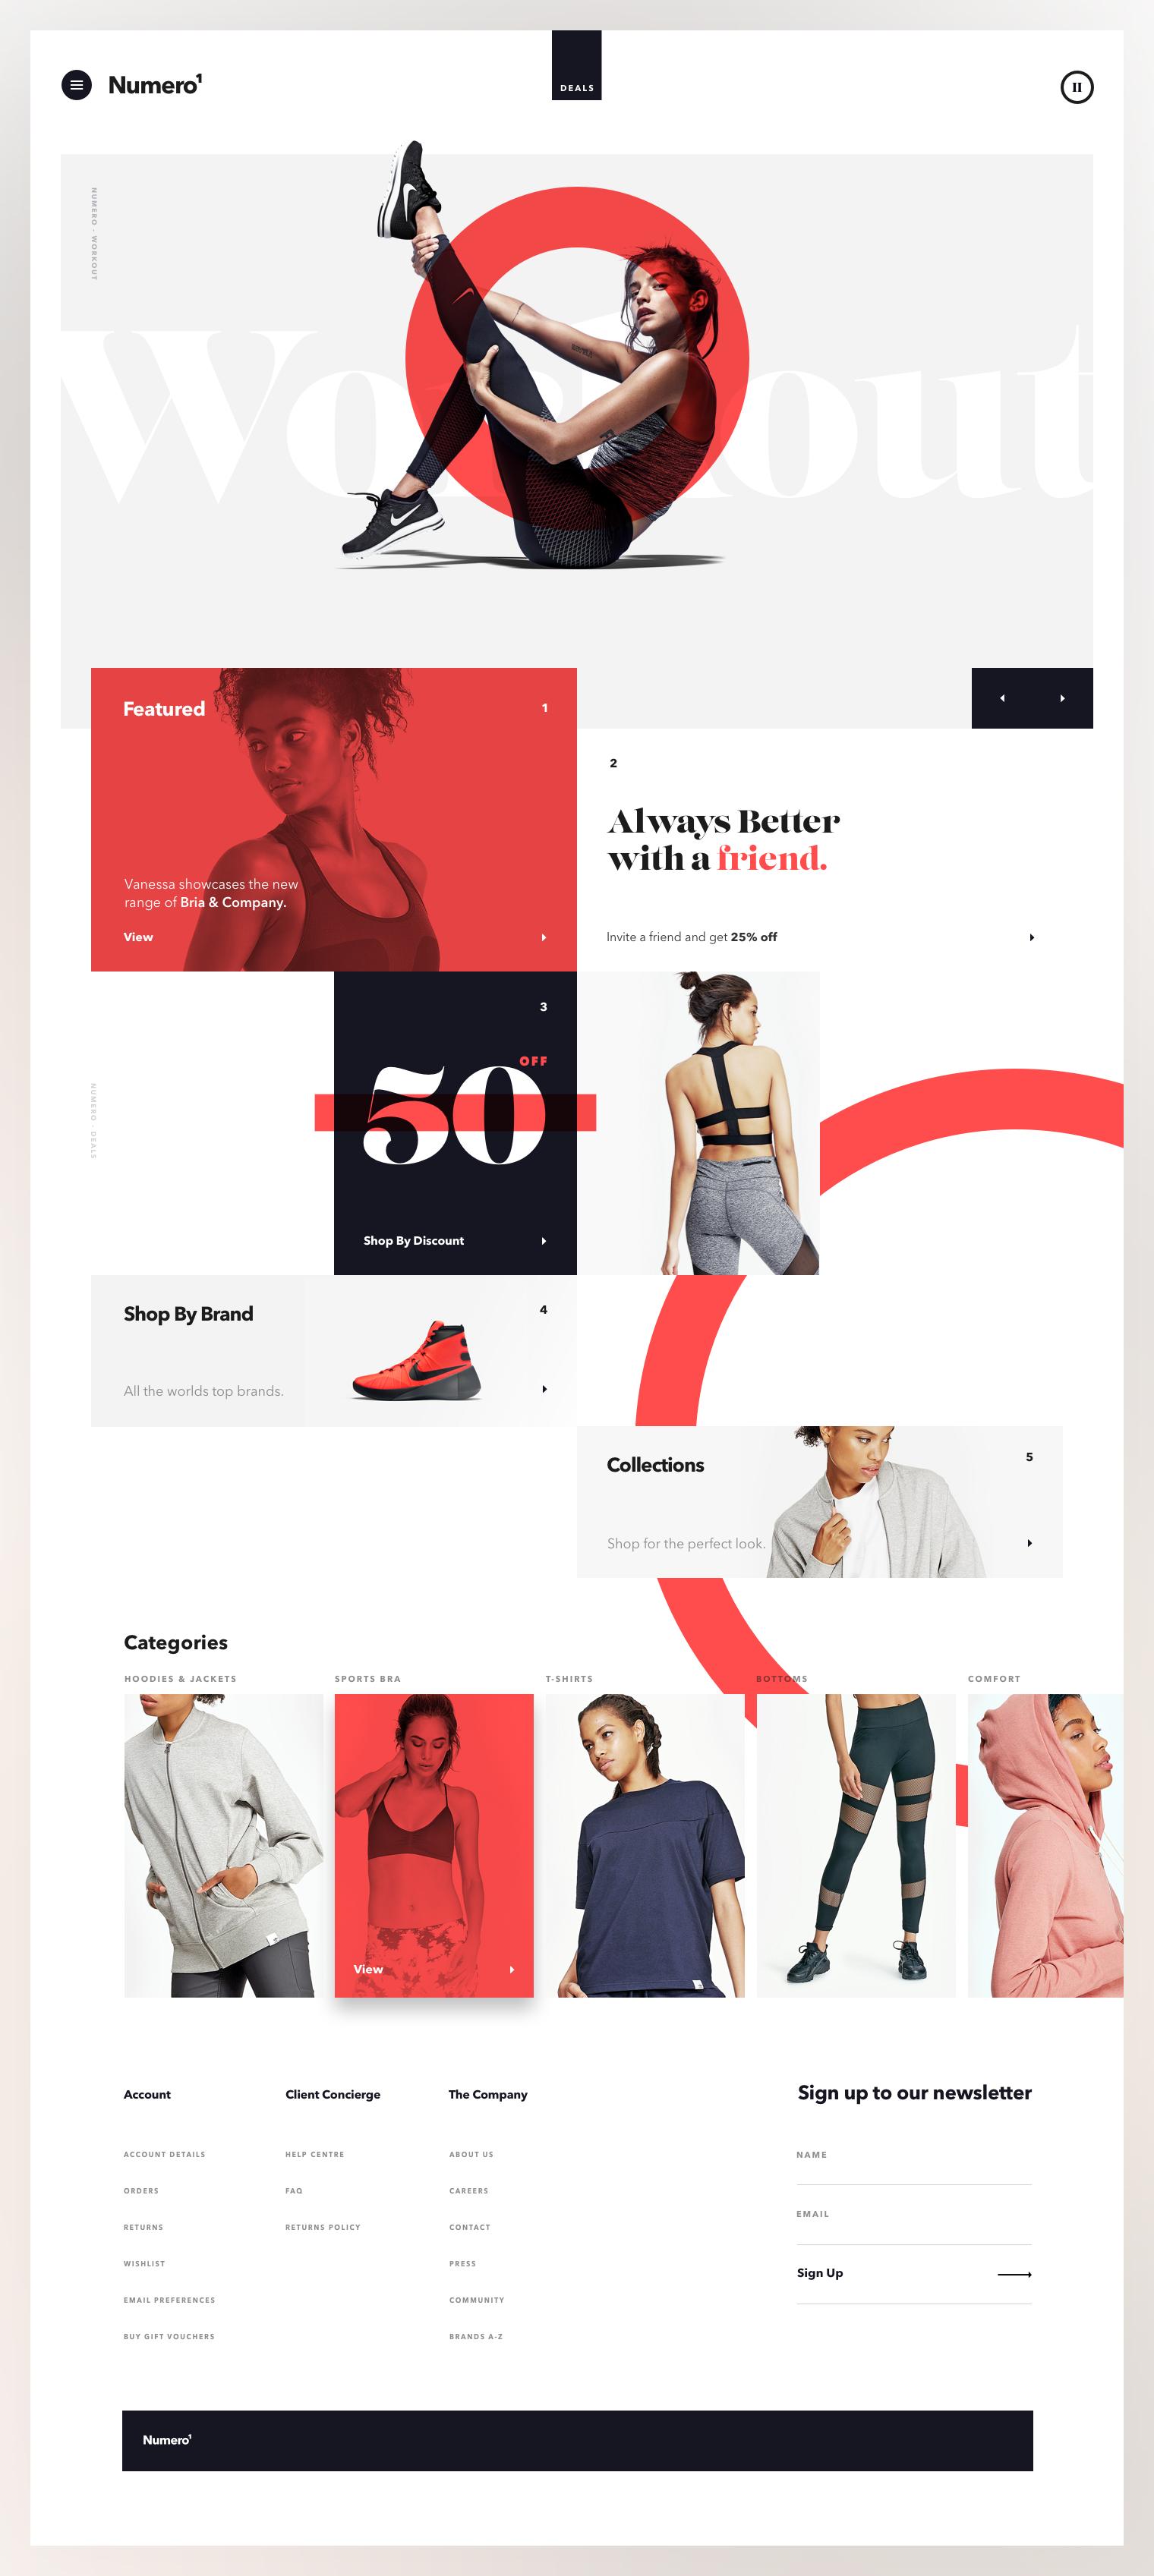 Pin by 7 Figure Skills on E-commerce | Pinterest | Desktop bg, Horn ...